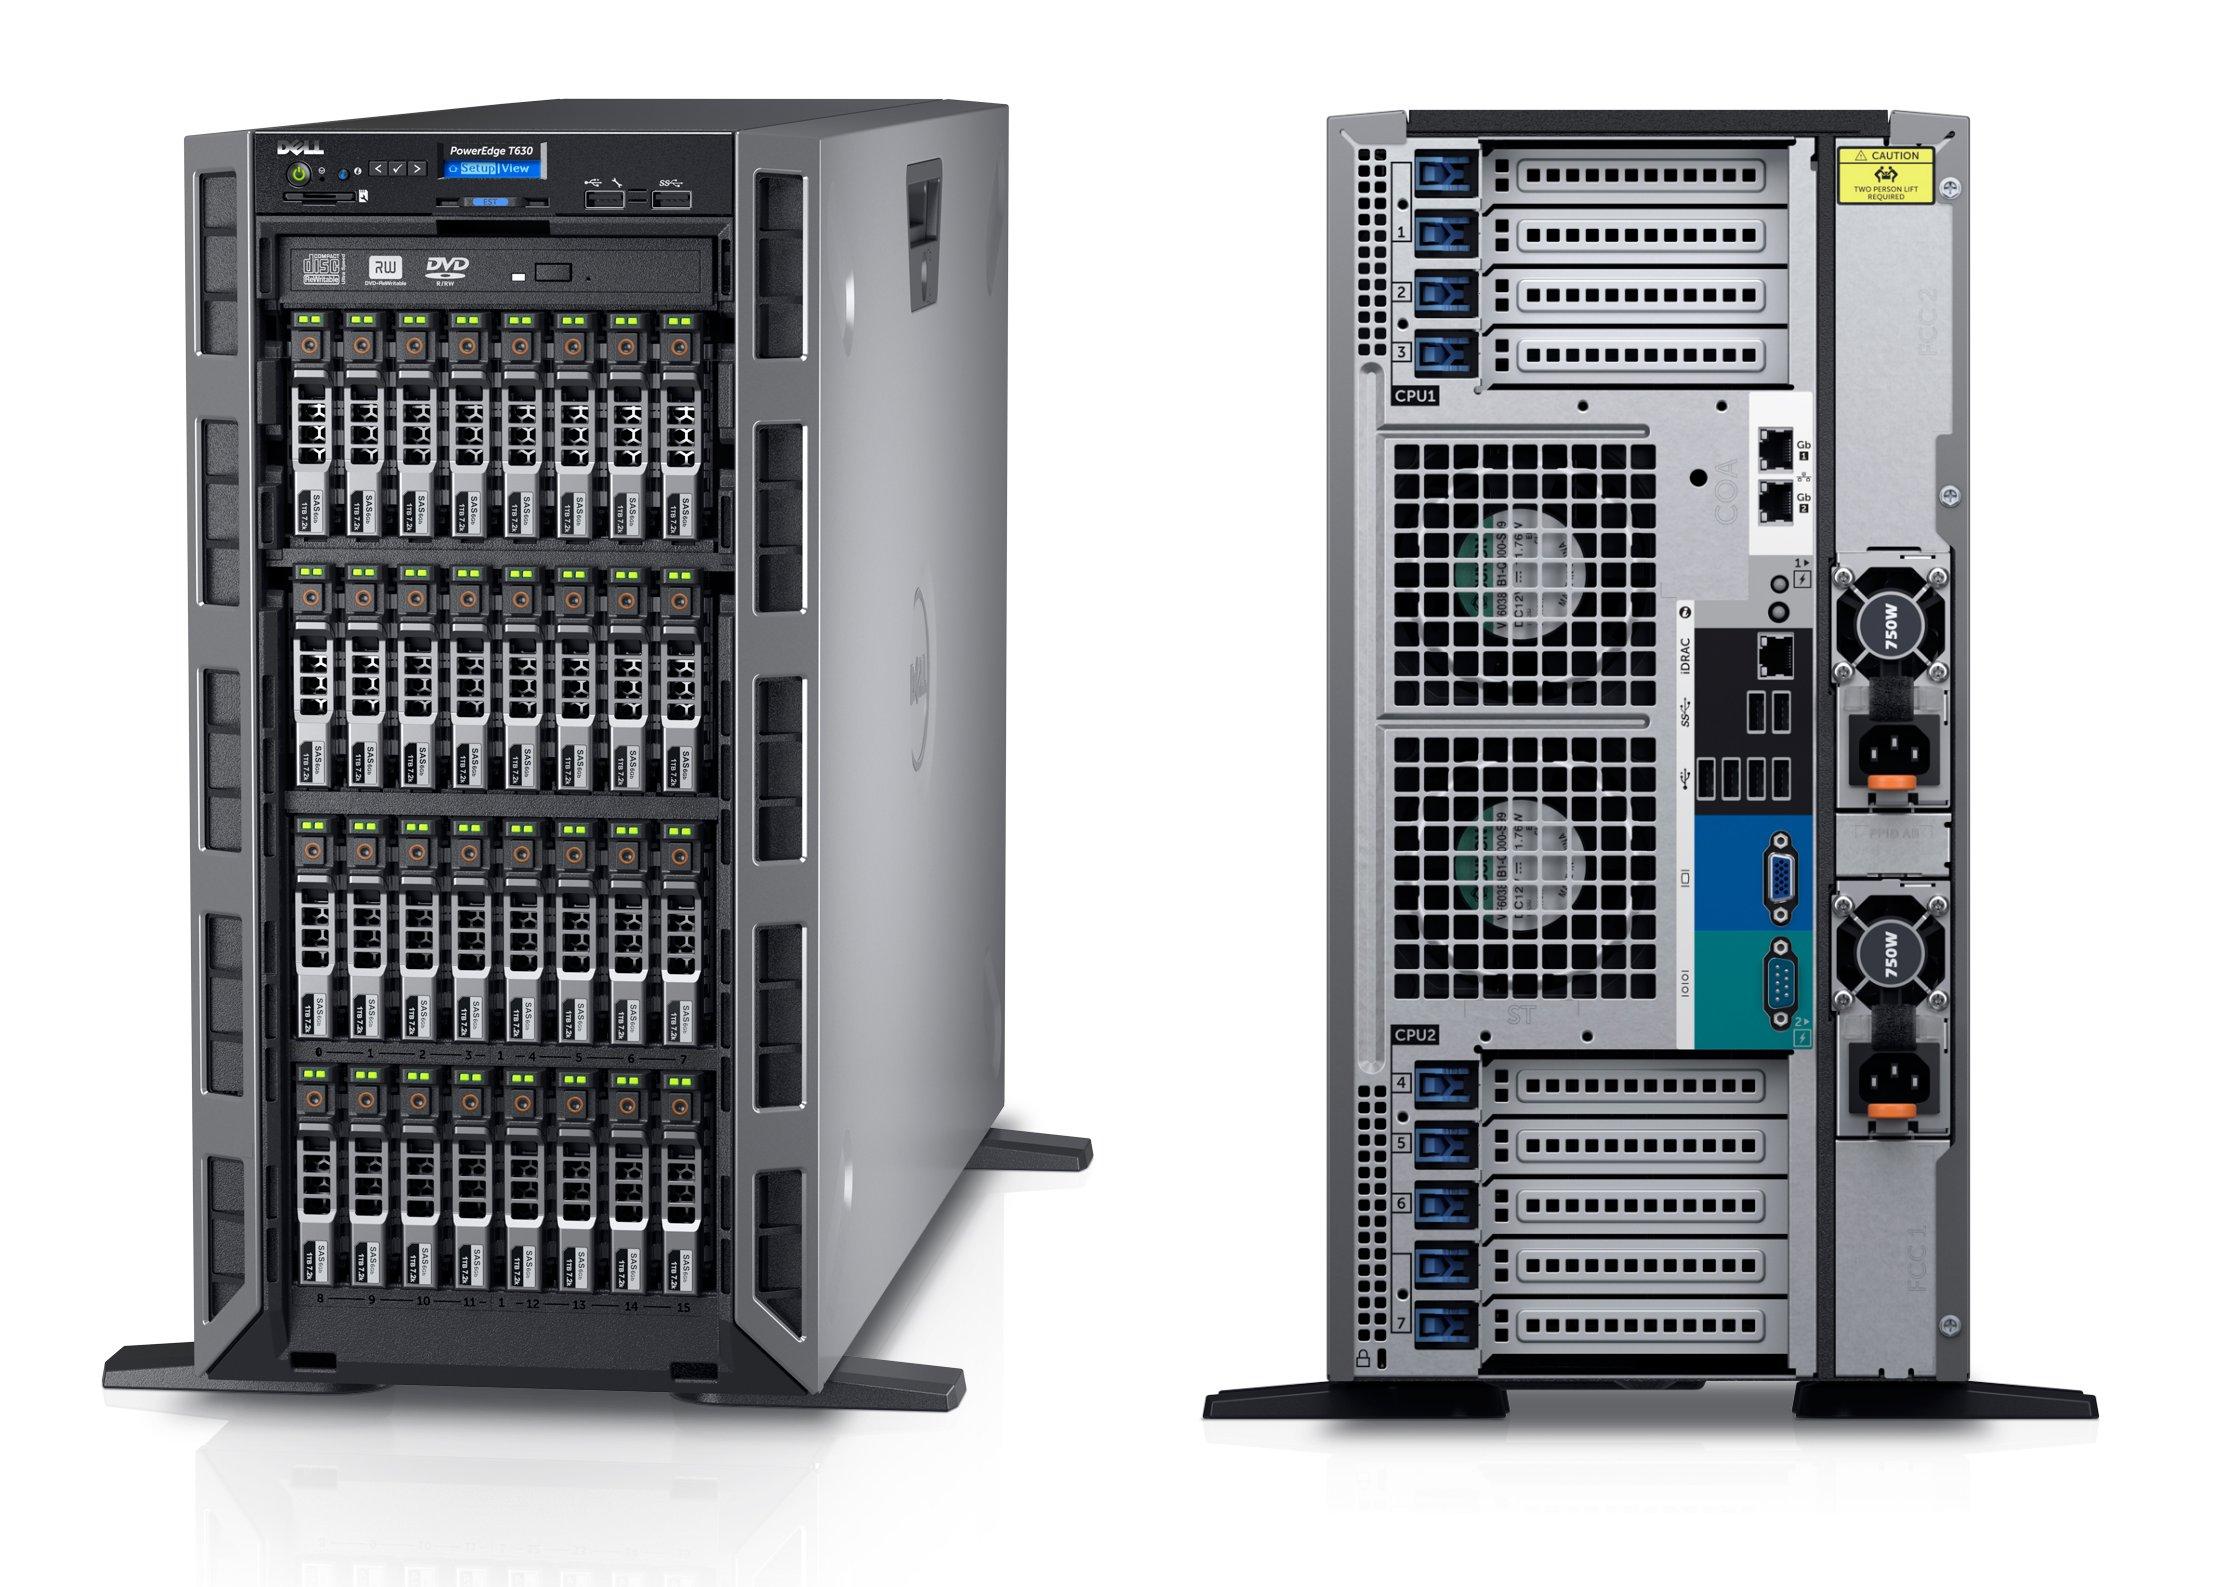 DELL PowerEdge T630, E5-2620v4 2.1Ghz 8C, 8GB, 2TB SATA, 8x3.5in, H730, DVD-ROM, 2x1Gb, 2x750W